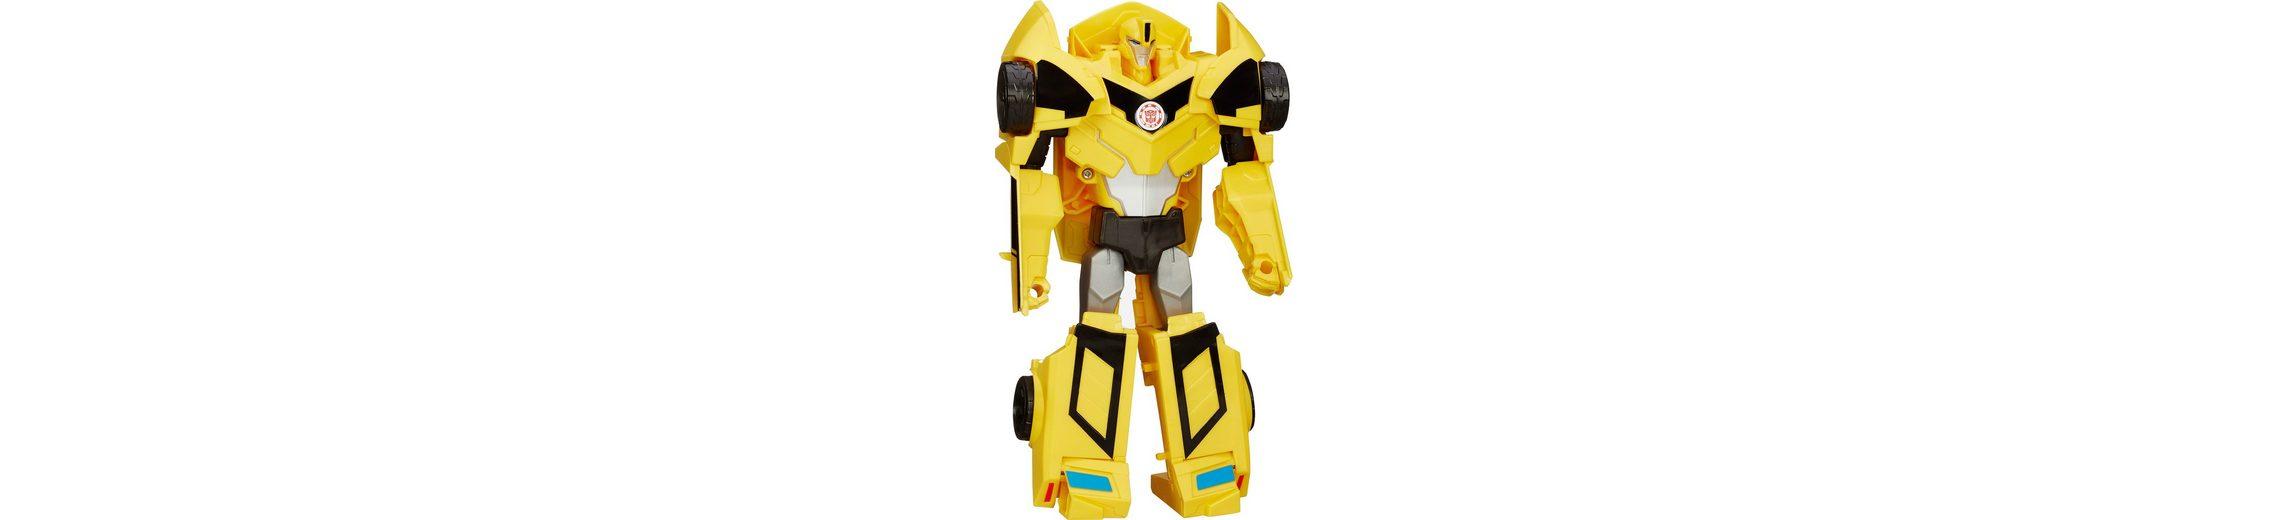 Hasbro Spielfigur, »Robots in Disguise, 3-Step Changer, Bumblebee«